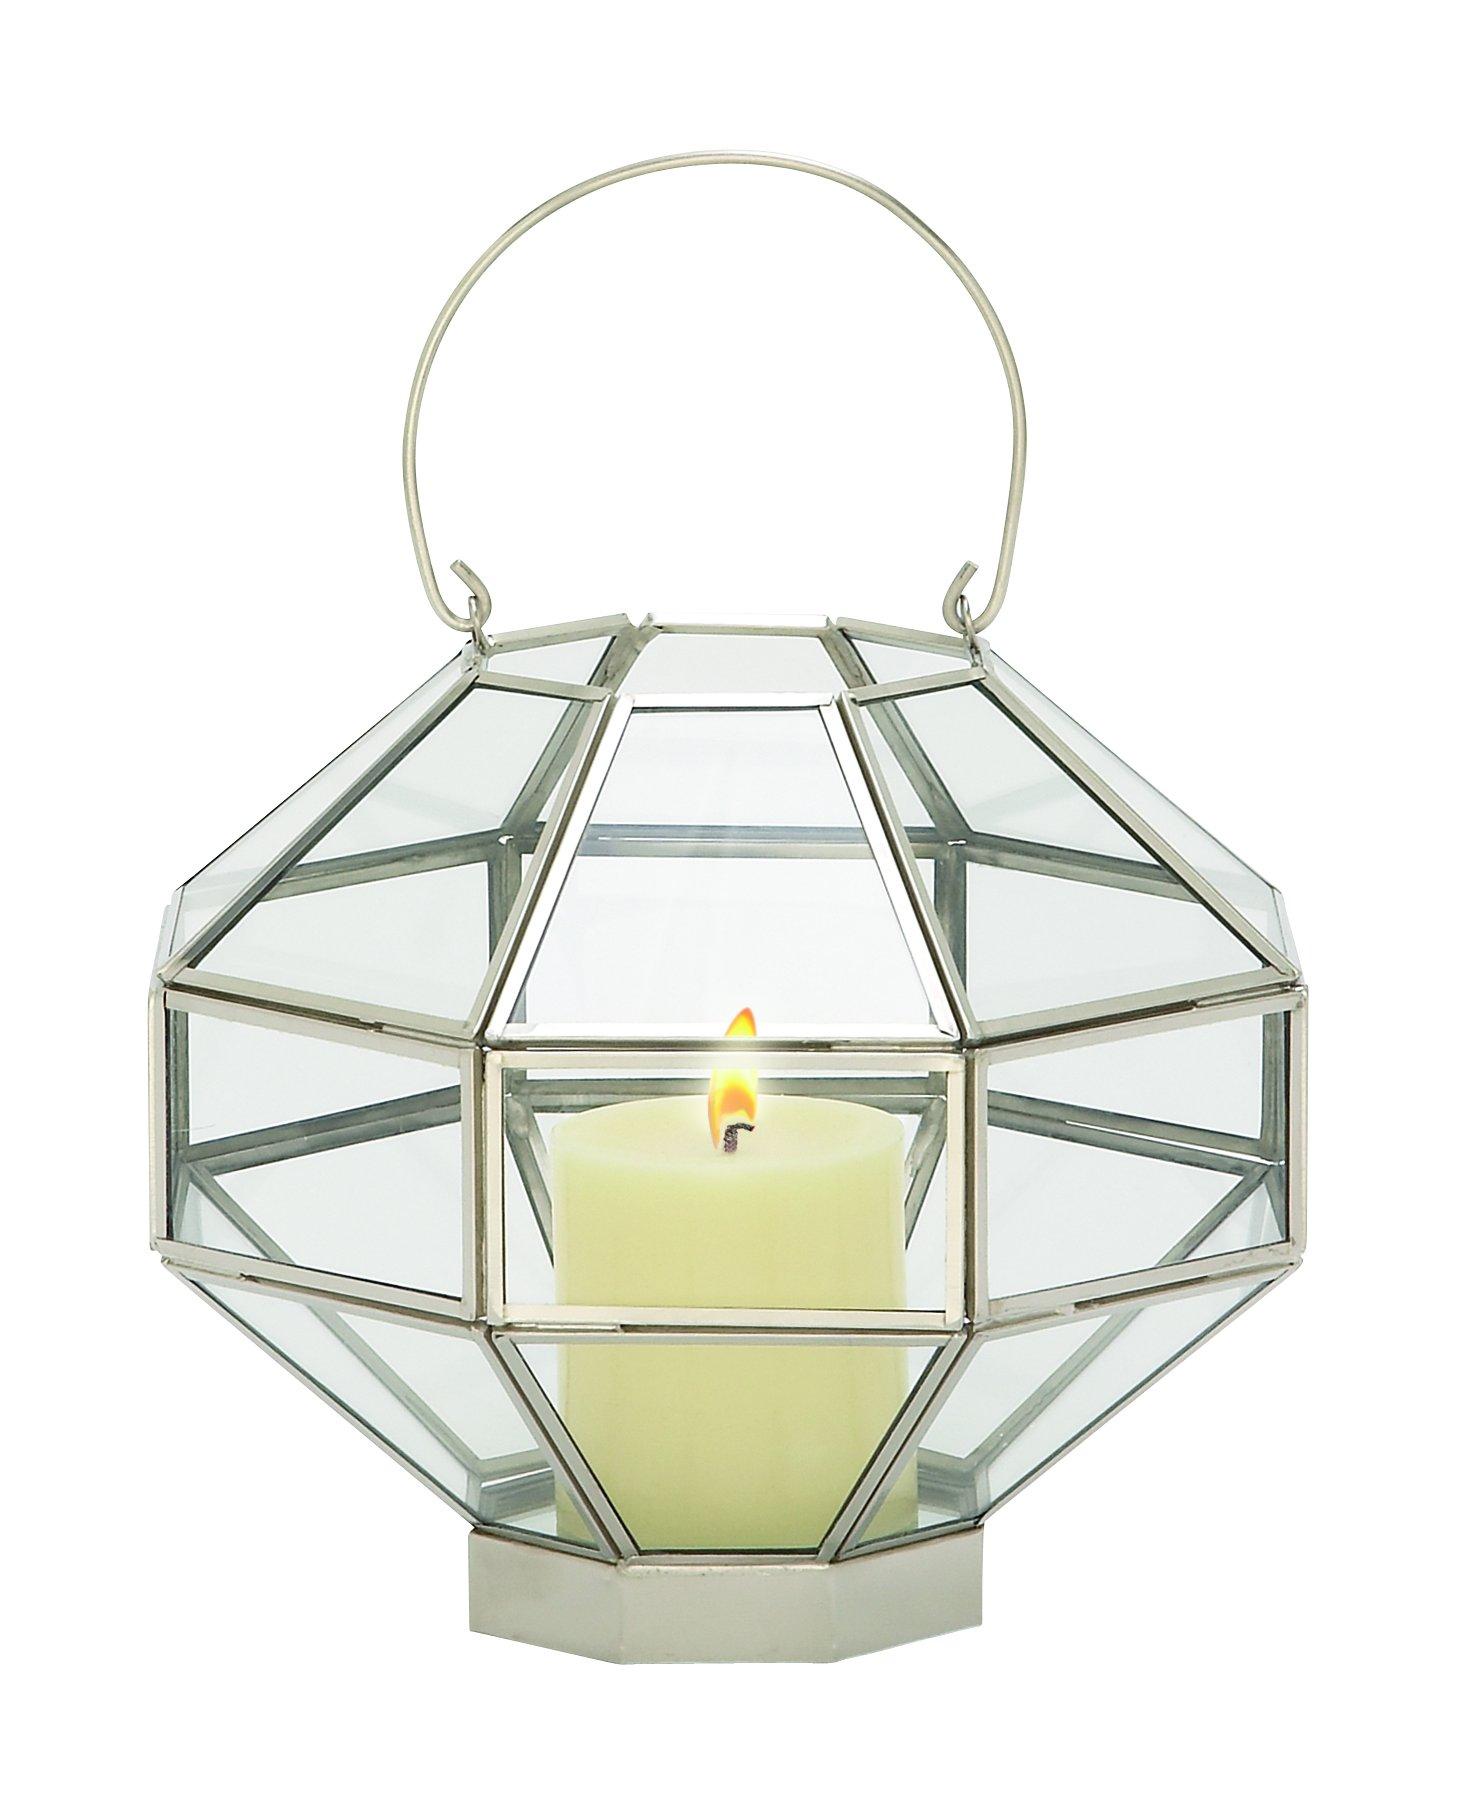 Deco 79 37157 Metal & Glass MIR Lantern